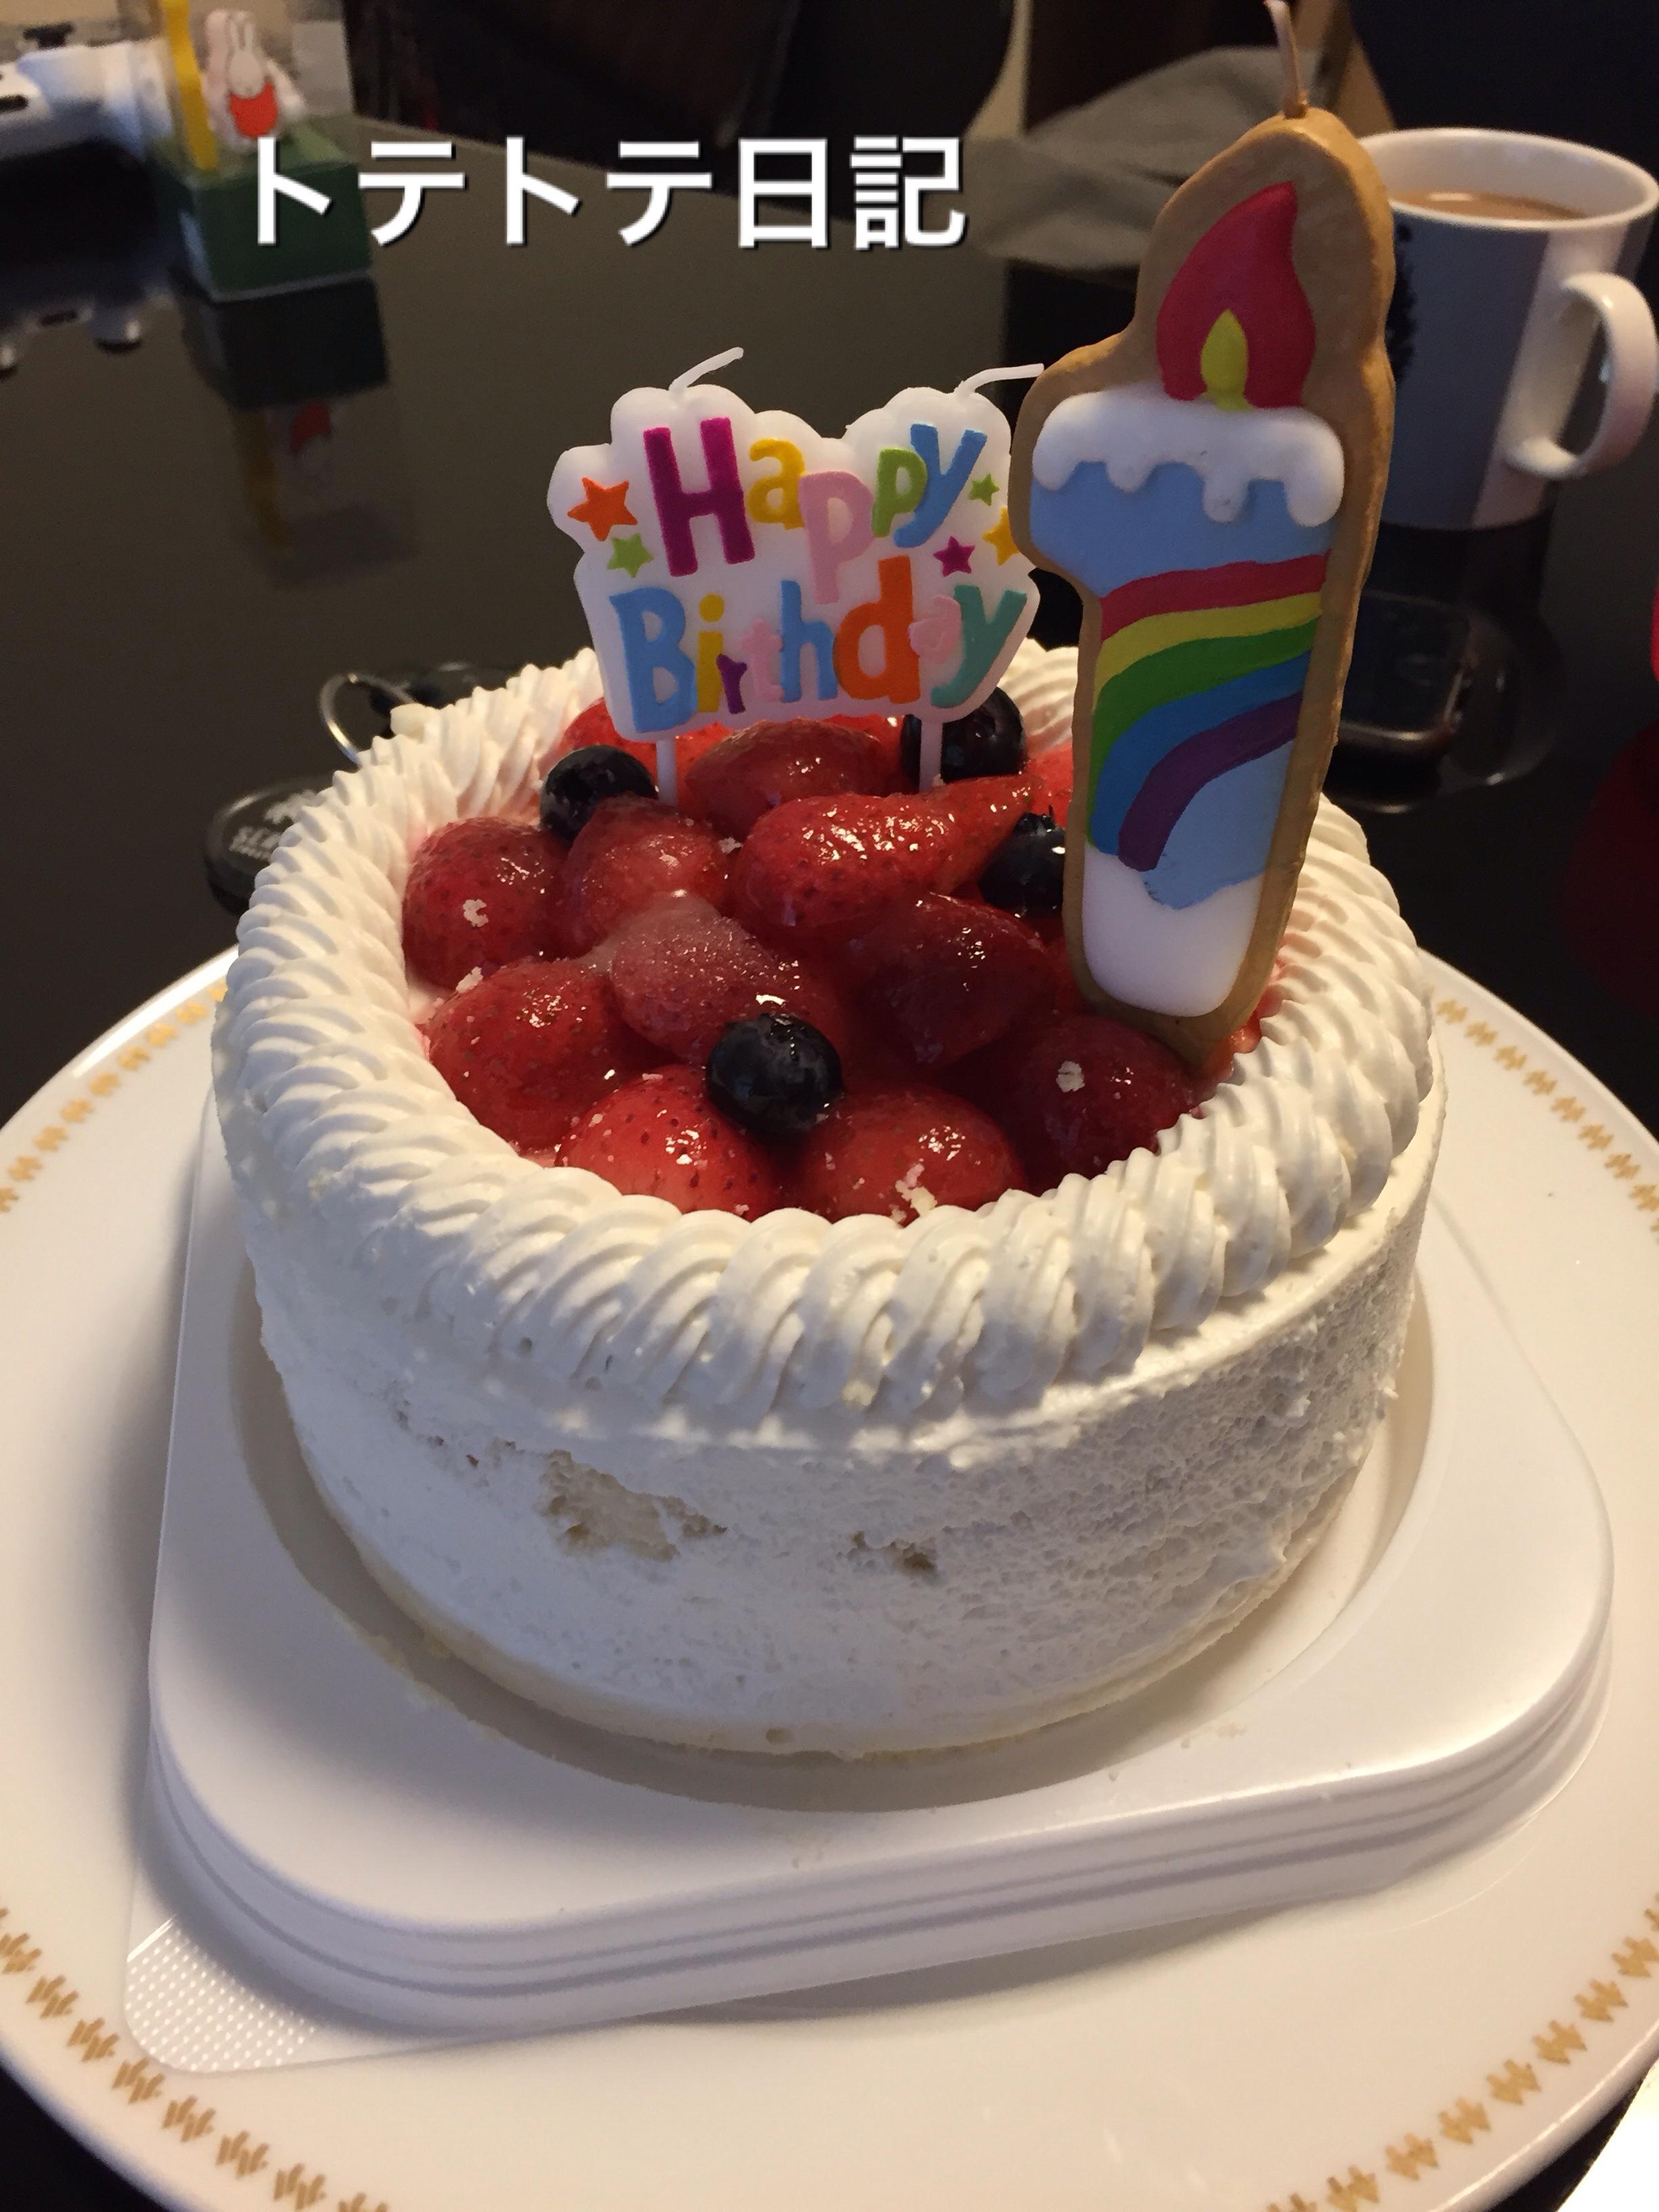 プレートは初回はハッピーバースデーのキャンドルを飾り付け。想像以上にバースデーケーキらしくなり嬉しさ満開でした。という写真